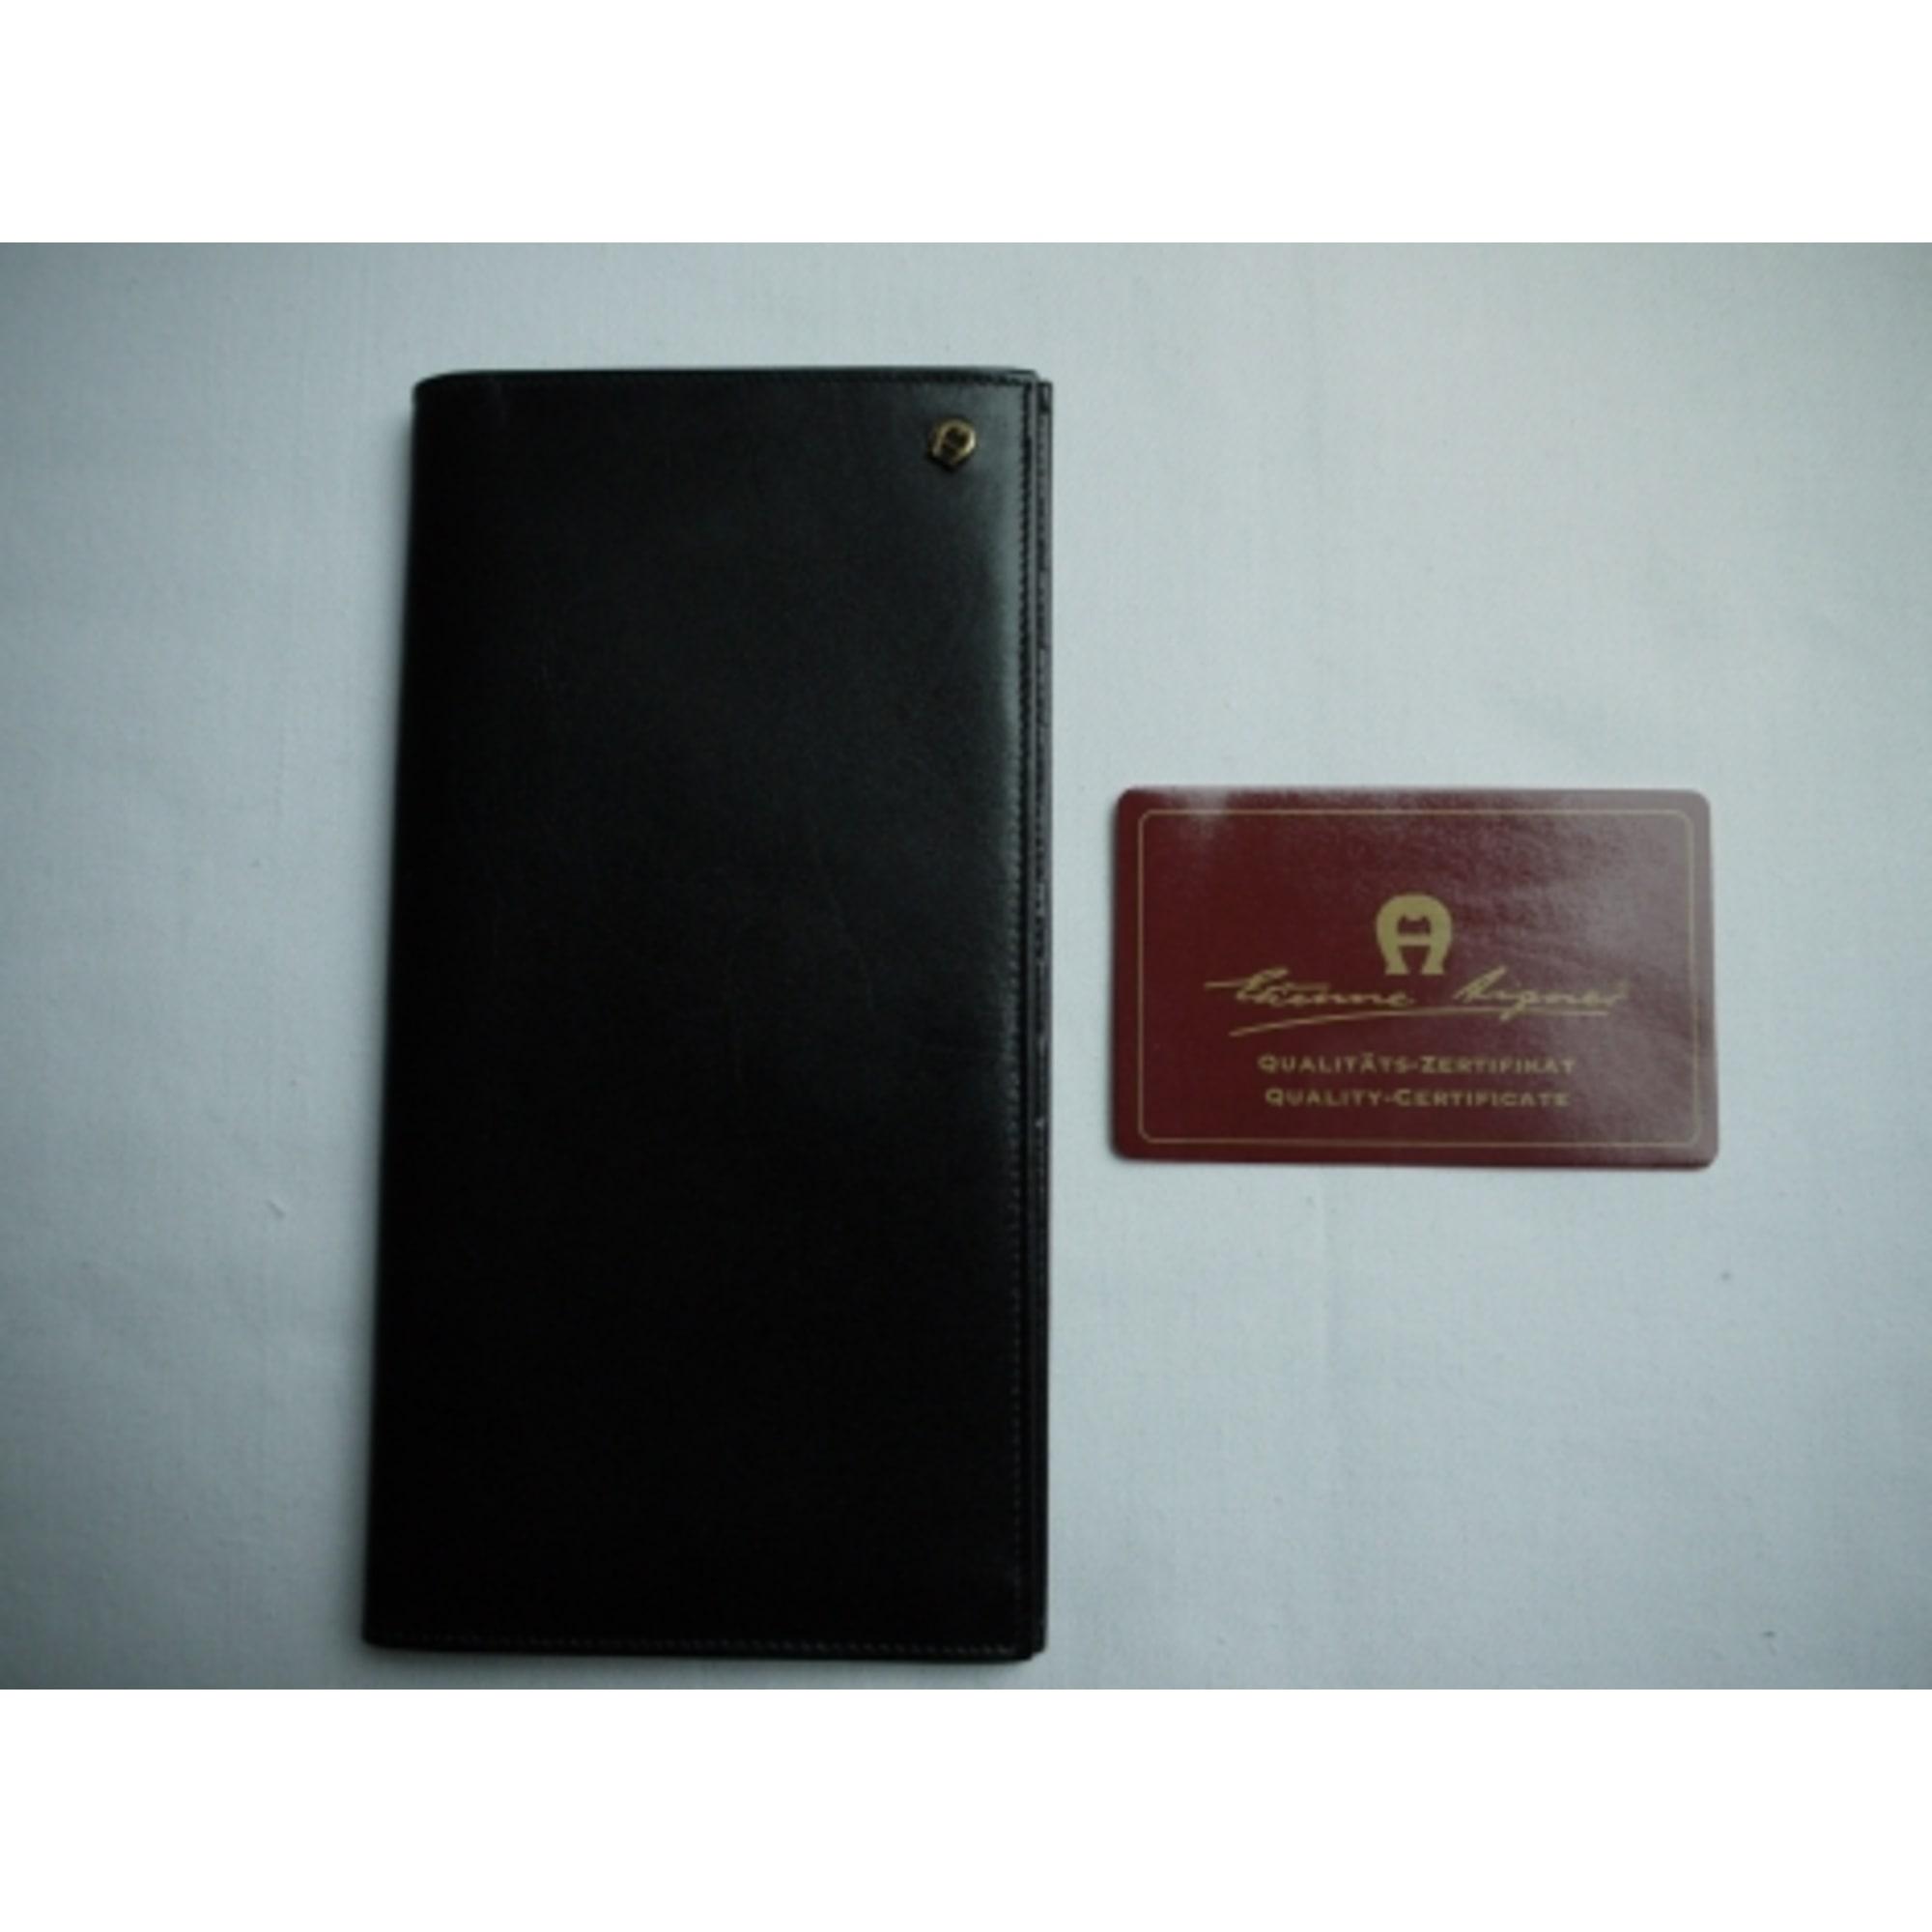 Porte-cartes ETIENNE AIGNER cuir noir